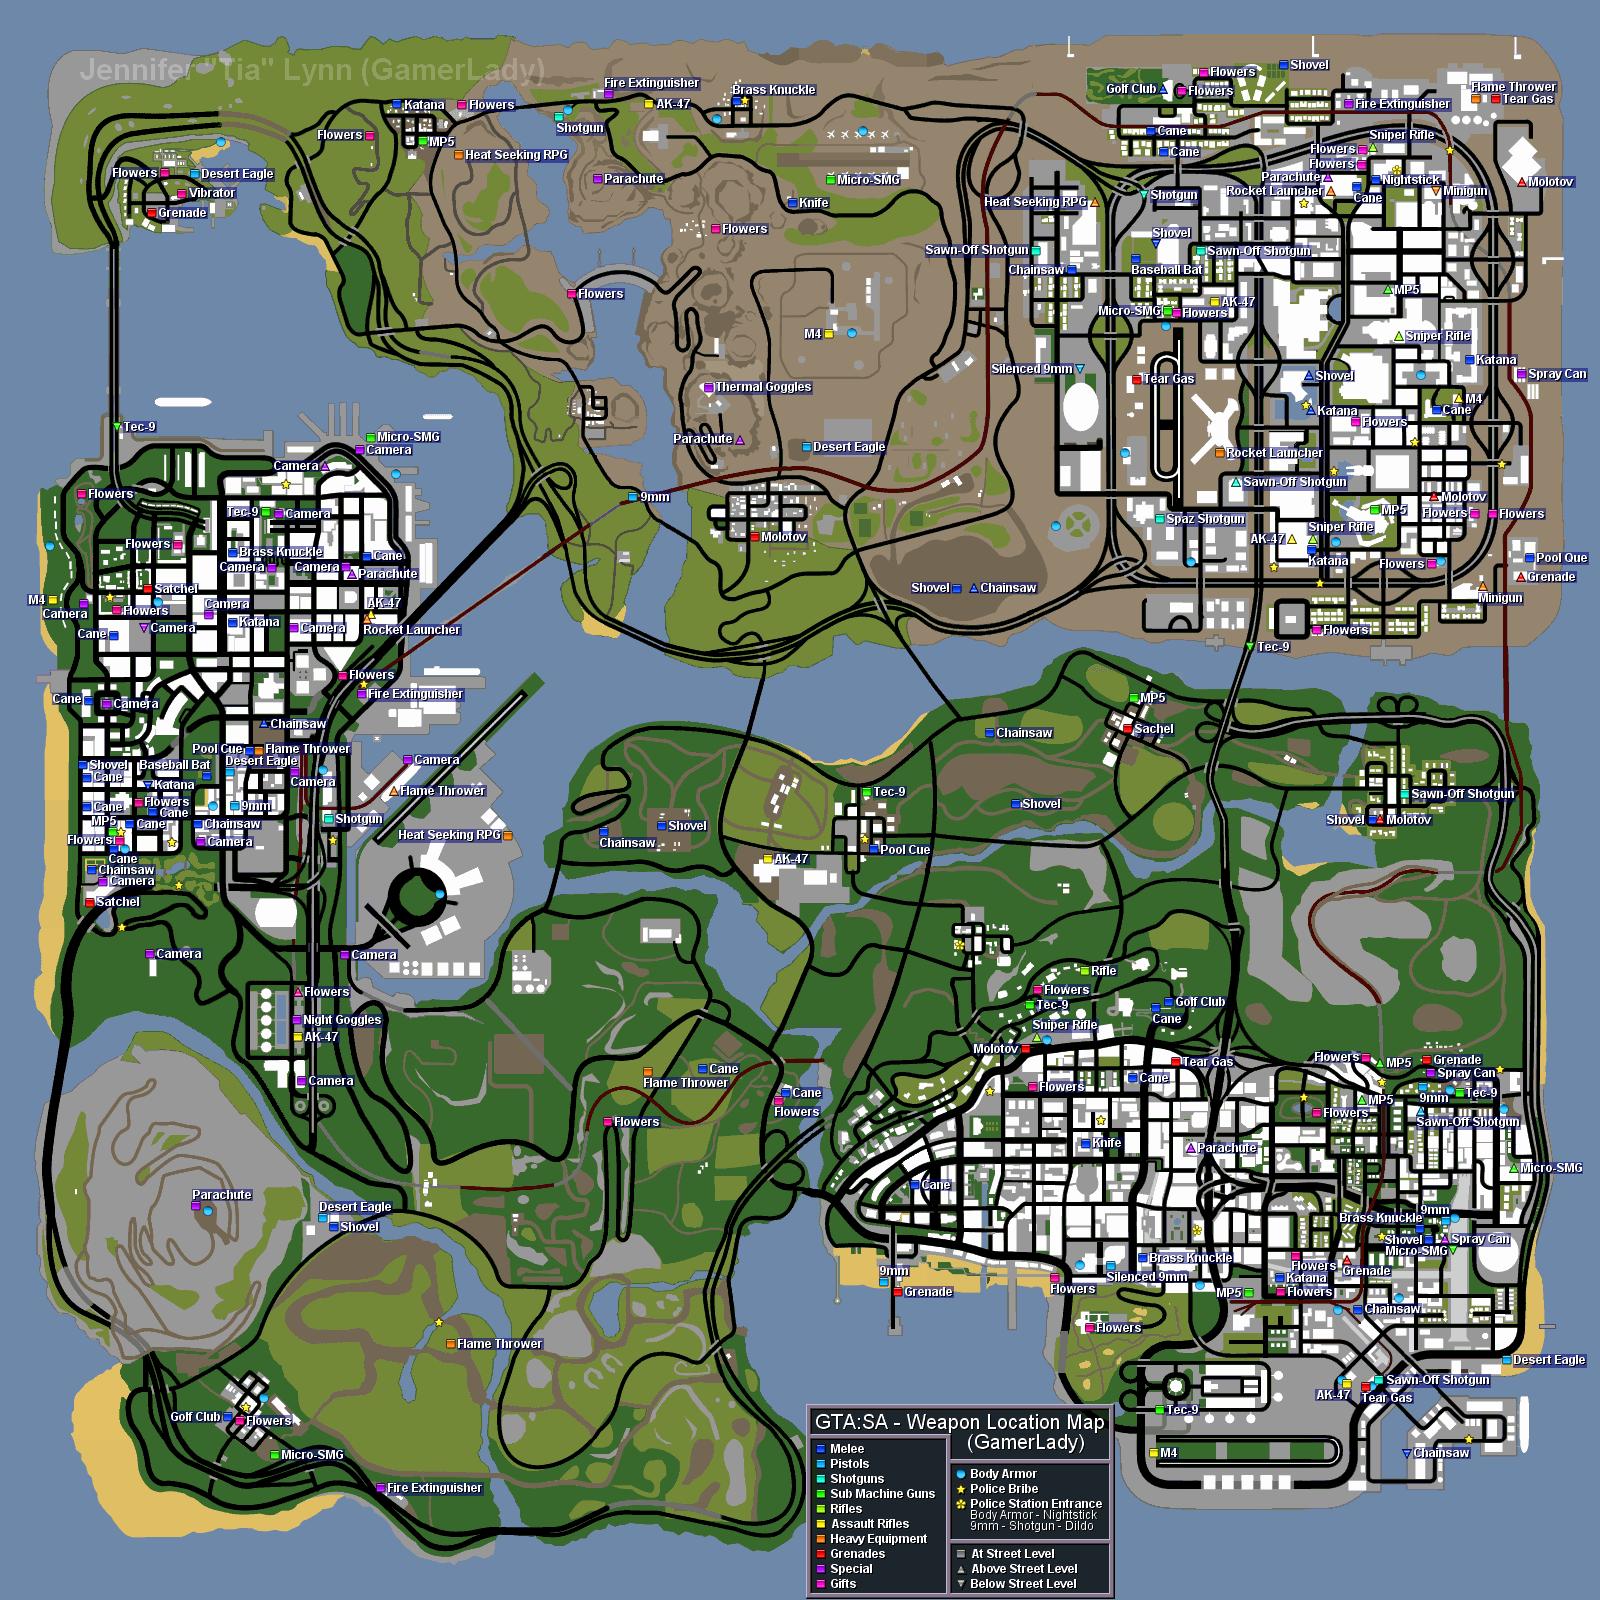 Карта букмекерских са контор гта